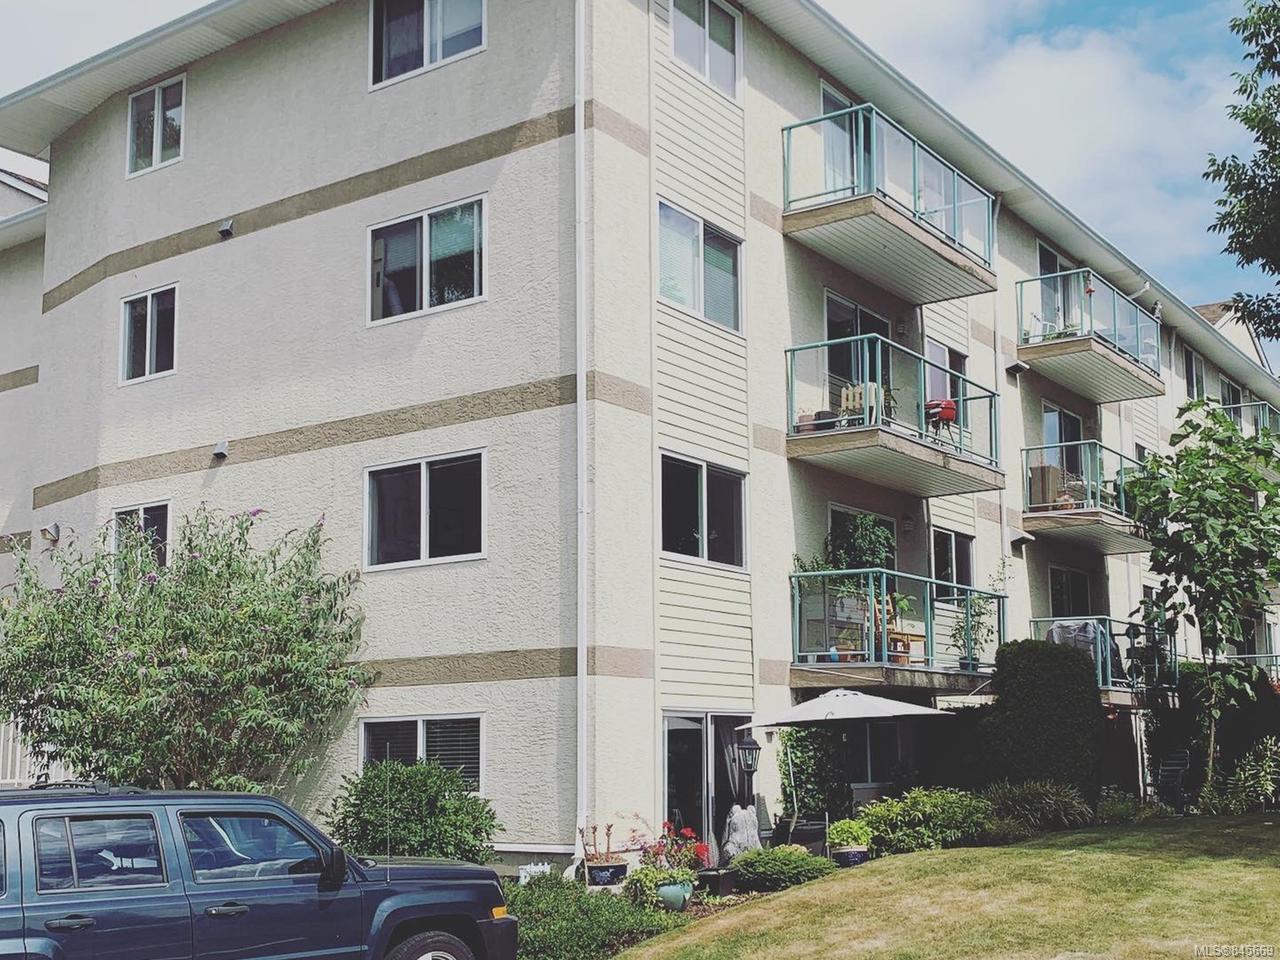 Main Photo: 405 1355 Cumberland Rd in COURTENAY: CV Courtenay City Condo for sale (Comox Valley)  : MLS®# 845669